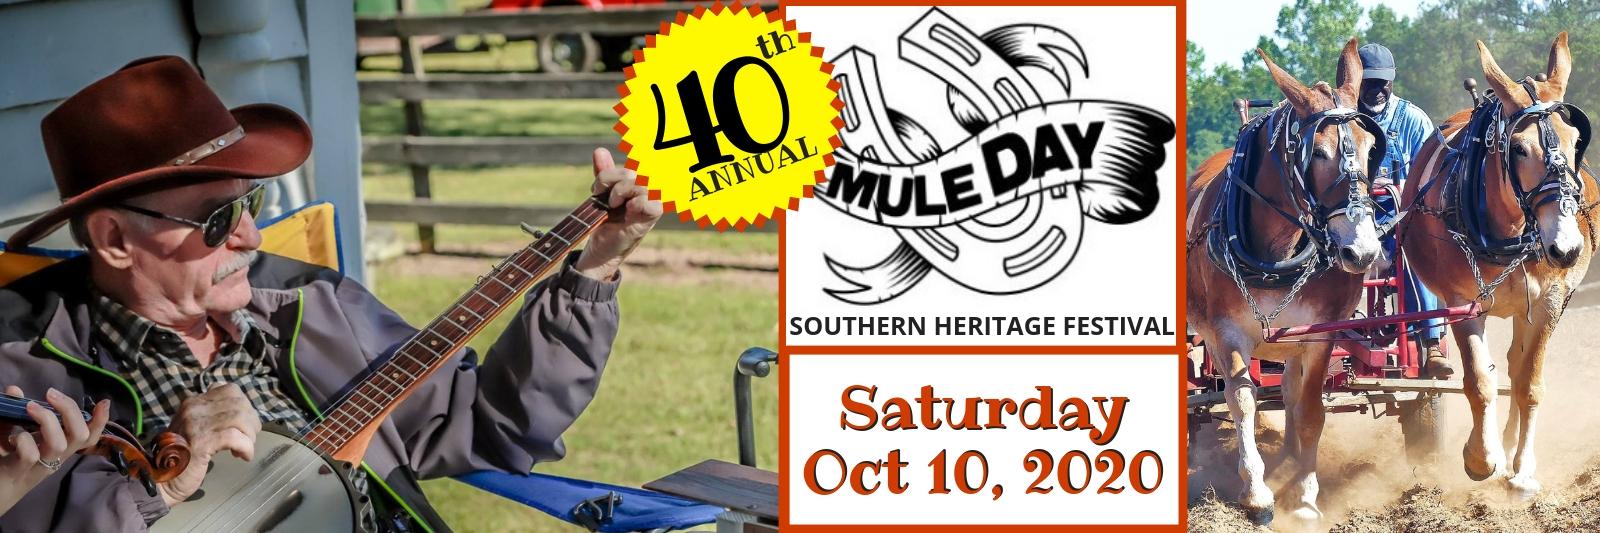 Web-Sliders-40-Ann-Mule-Day.jpg